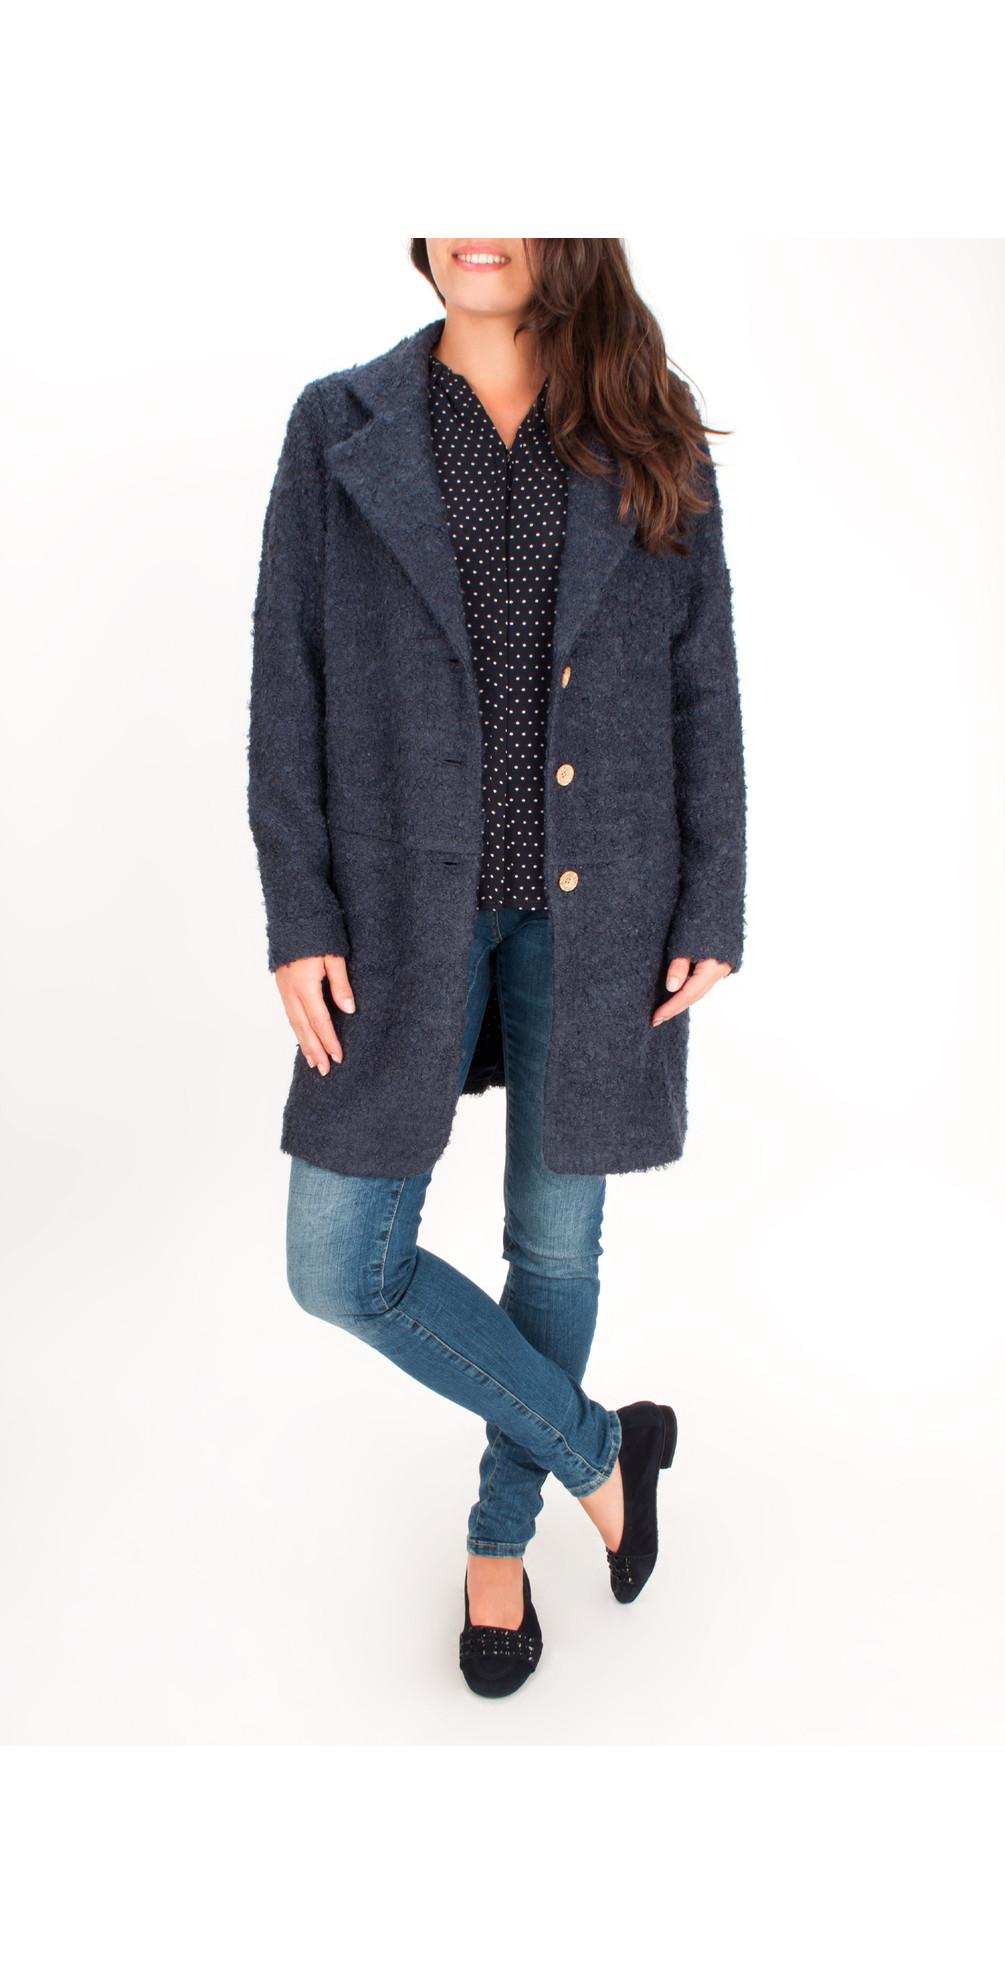 Boucle Long Cardigan Coat main image